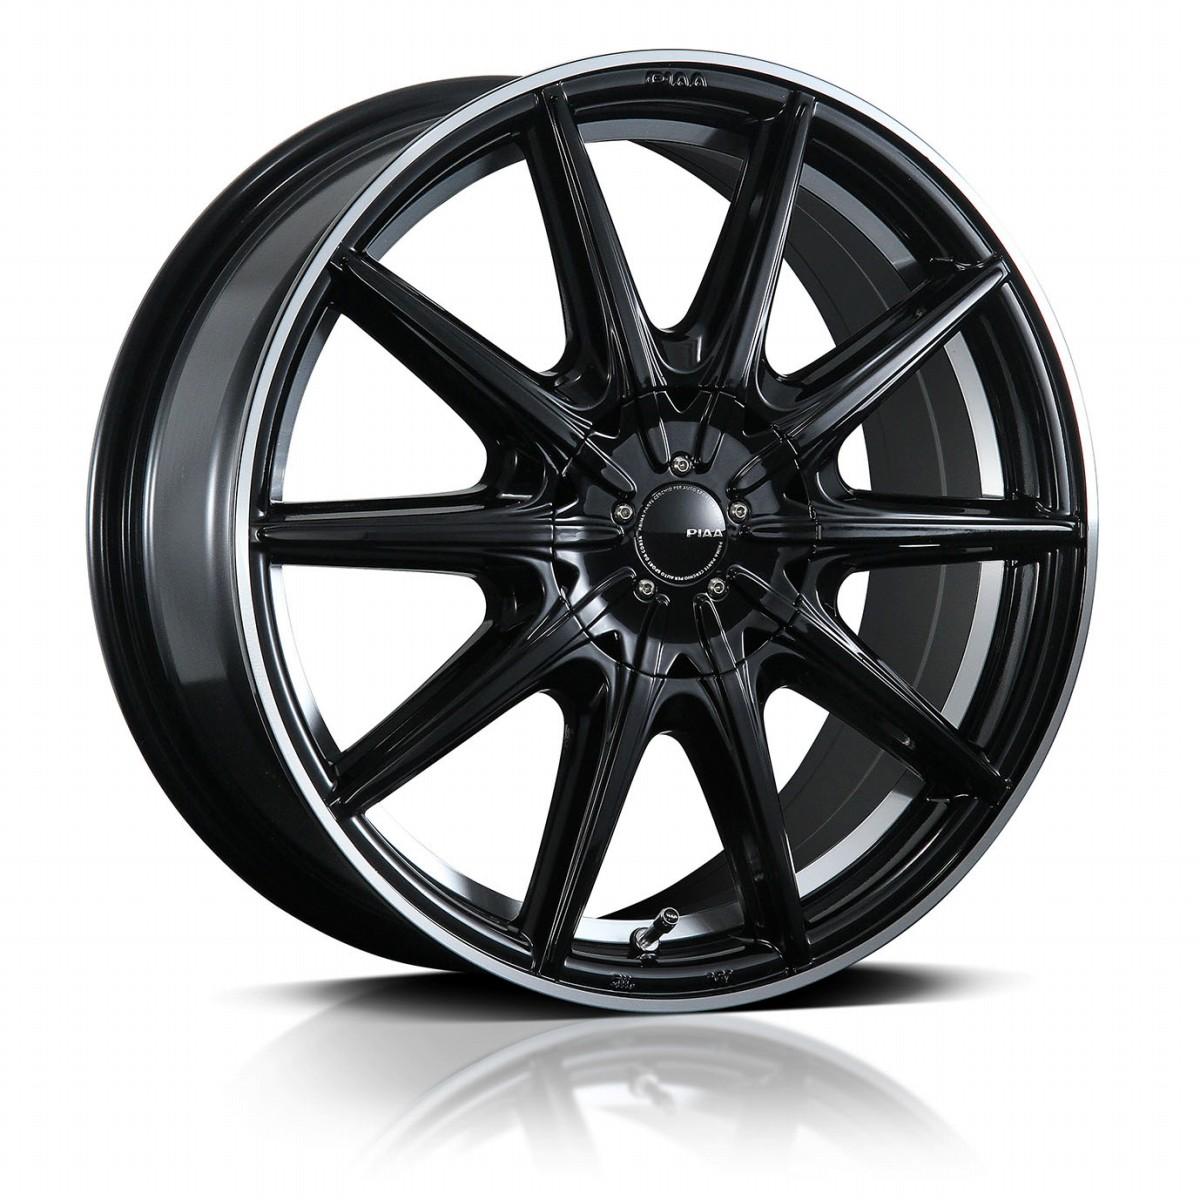 PIAA ピア EURO SPORT S10-R ユーロスポルト S10R ホイール 単品1本 17インチ ブラック系 7.0J PCD100&114.3 10穴 スポーク ミニバン・ワゴン・セダン・スポーツカー